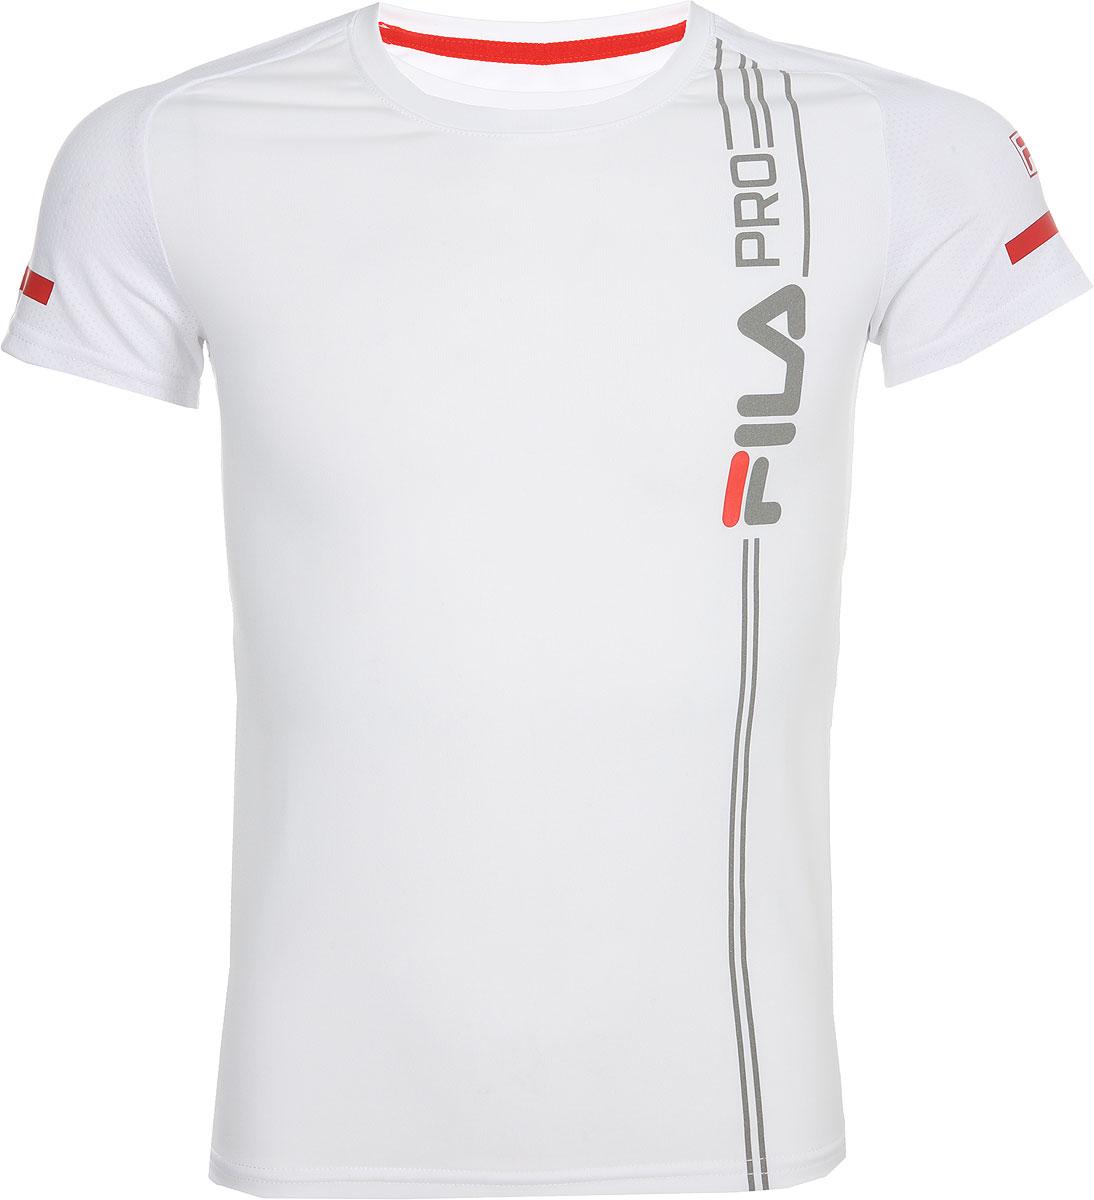 Футболка для мальчика Fila, цвет: белый. A19AFLTSB04-00. Размер 170 футболка для девочки fila цвет белый a19afltsg02 00 размер 164